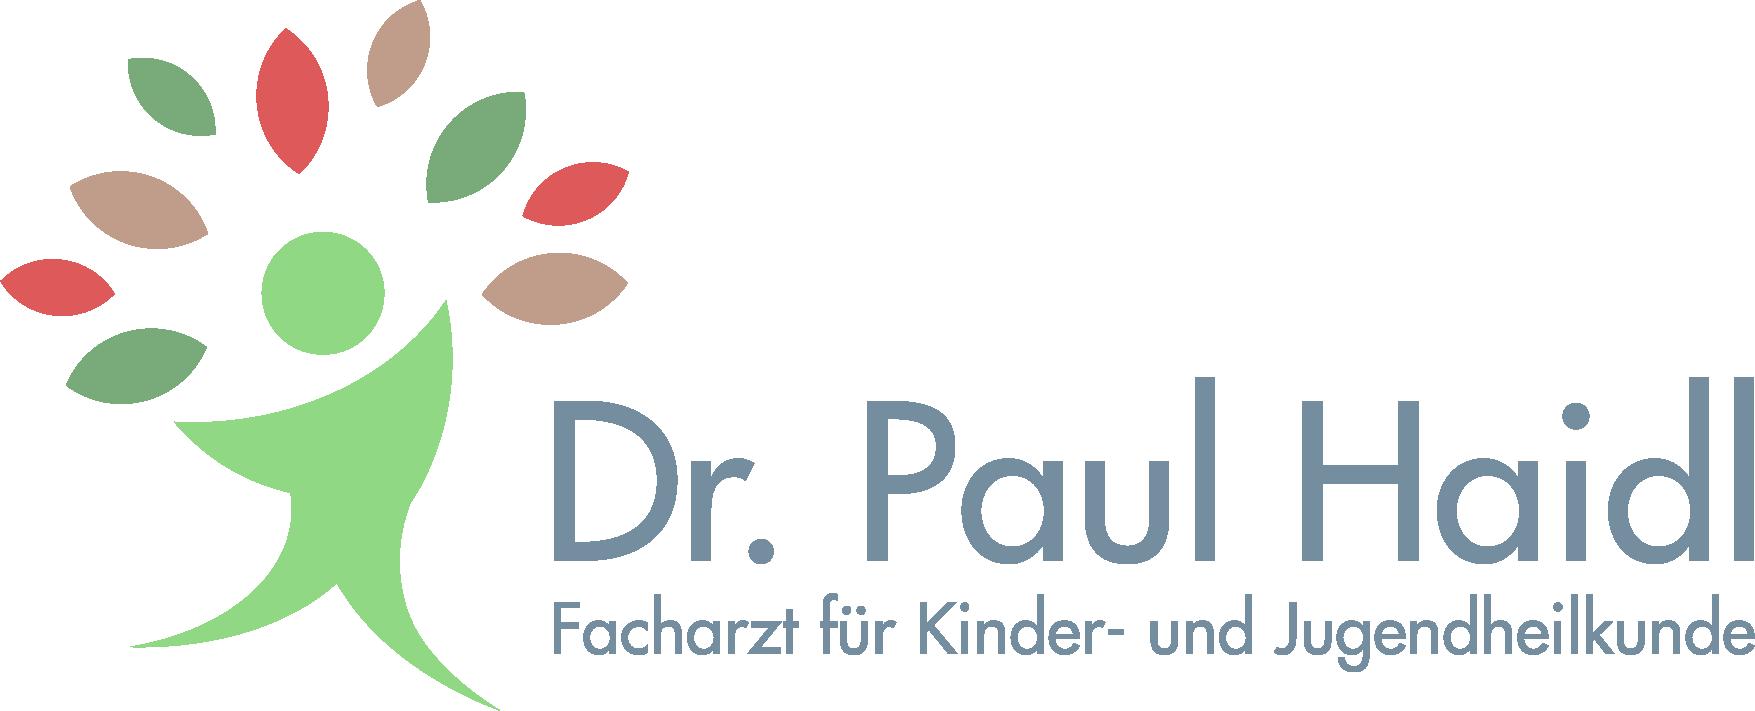 Dr. Paul Haidl - Facharzt für Kinder- und Jugendheilkunde